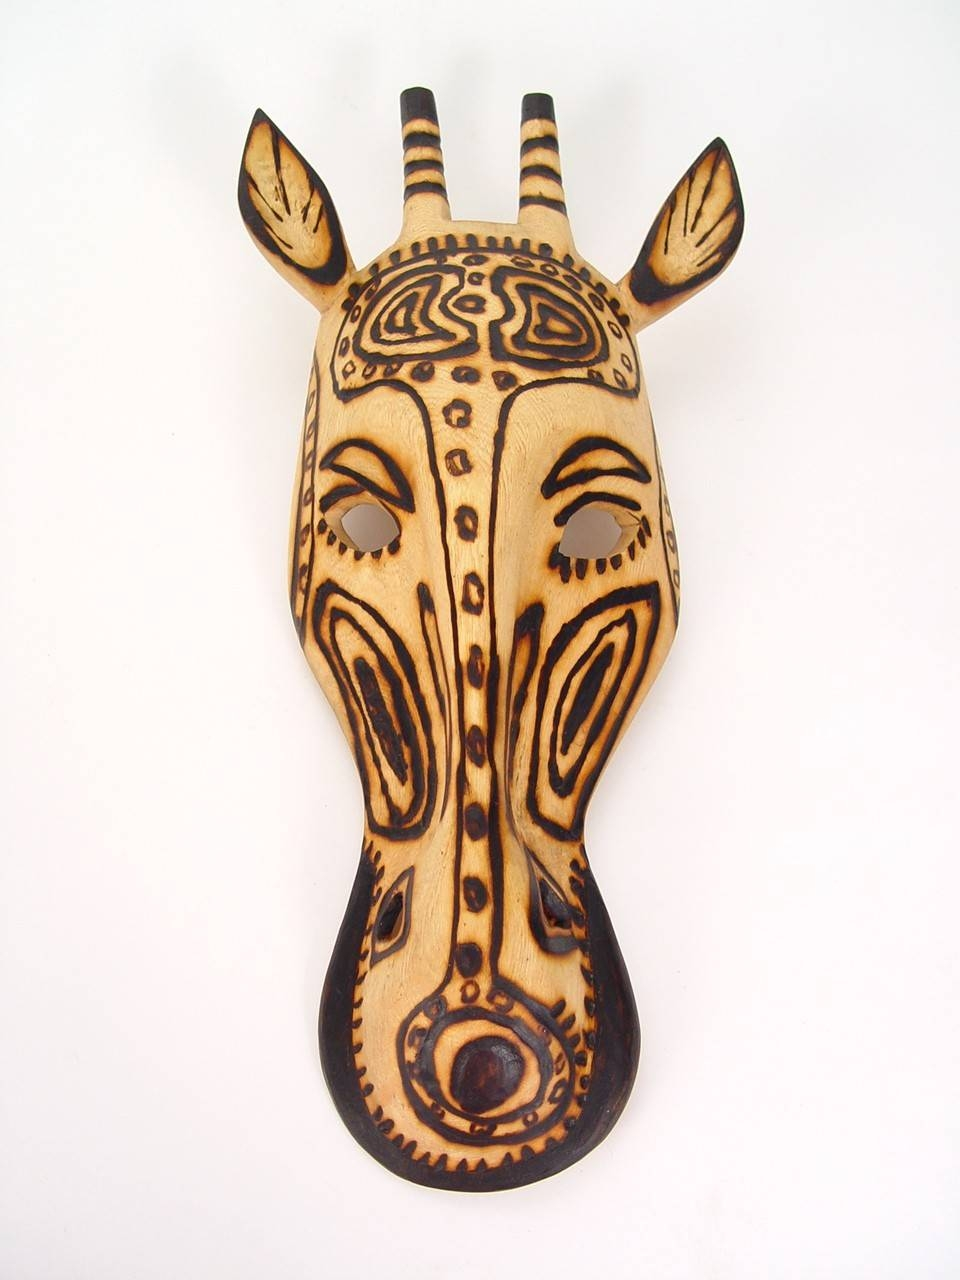 Handmade Wall Masks| Metal Wall Art | Wooden Giraffe Mask For Current Giraffe Metal Wall Art (Gallery 15 of 20)